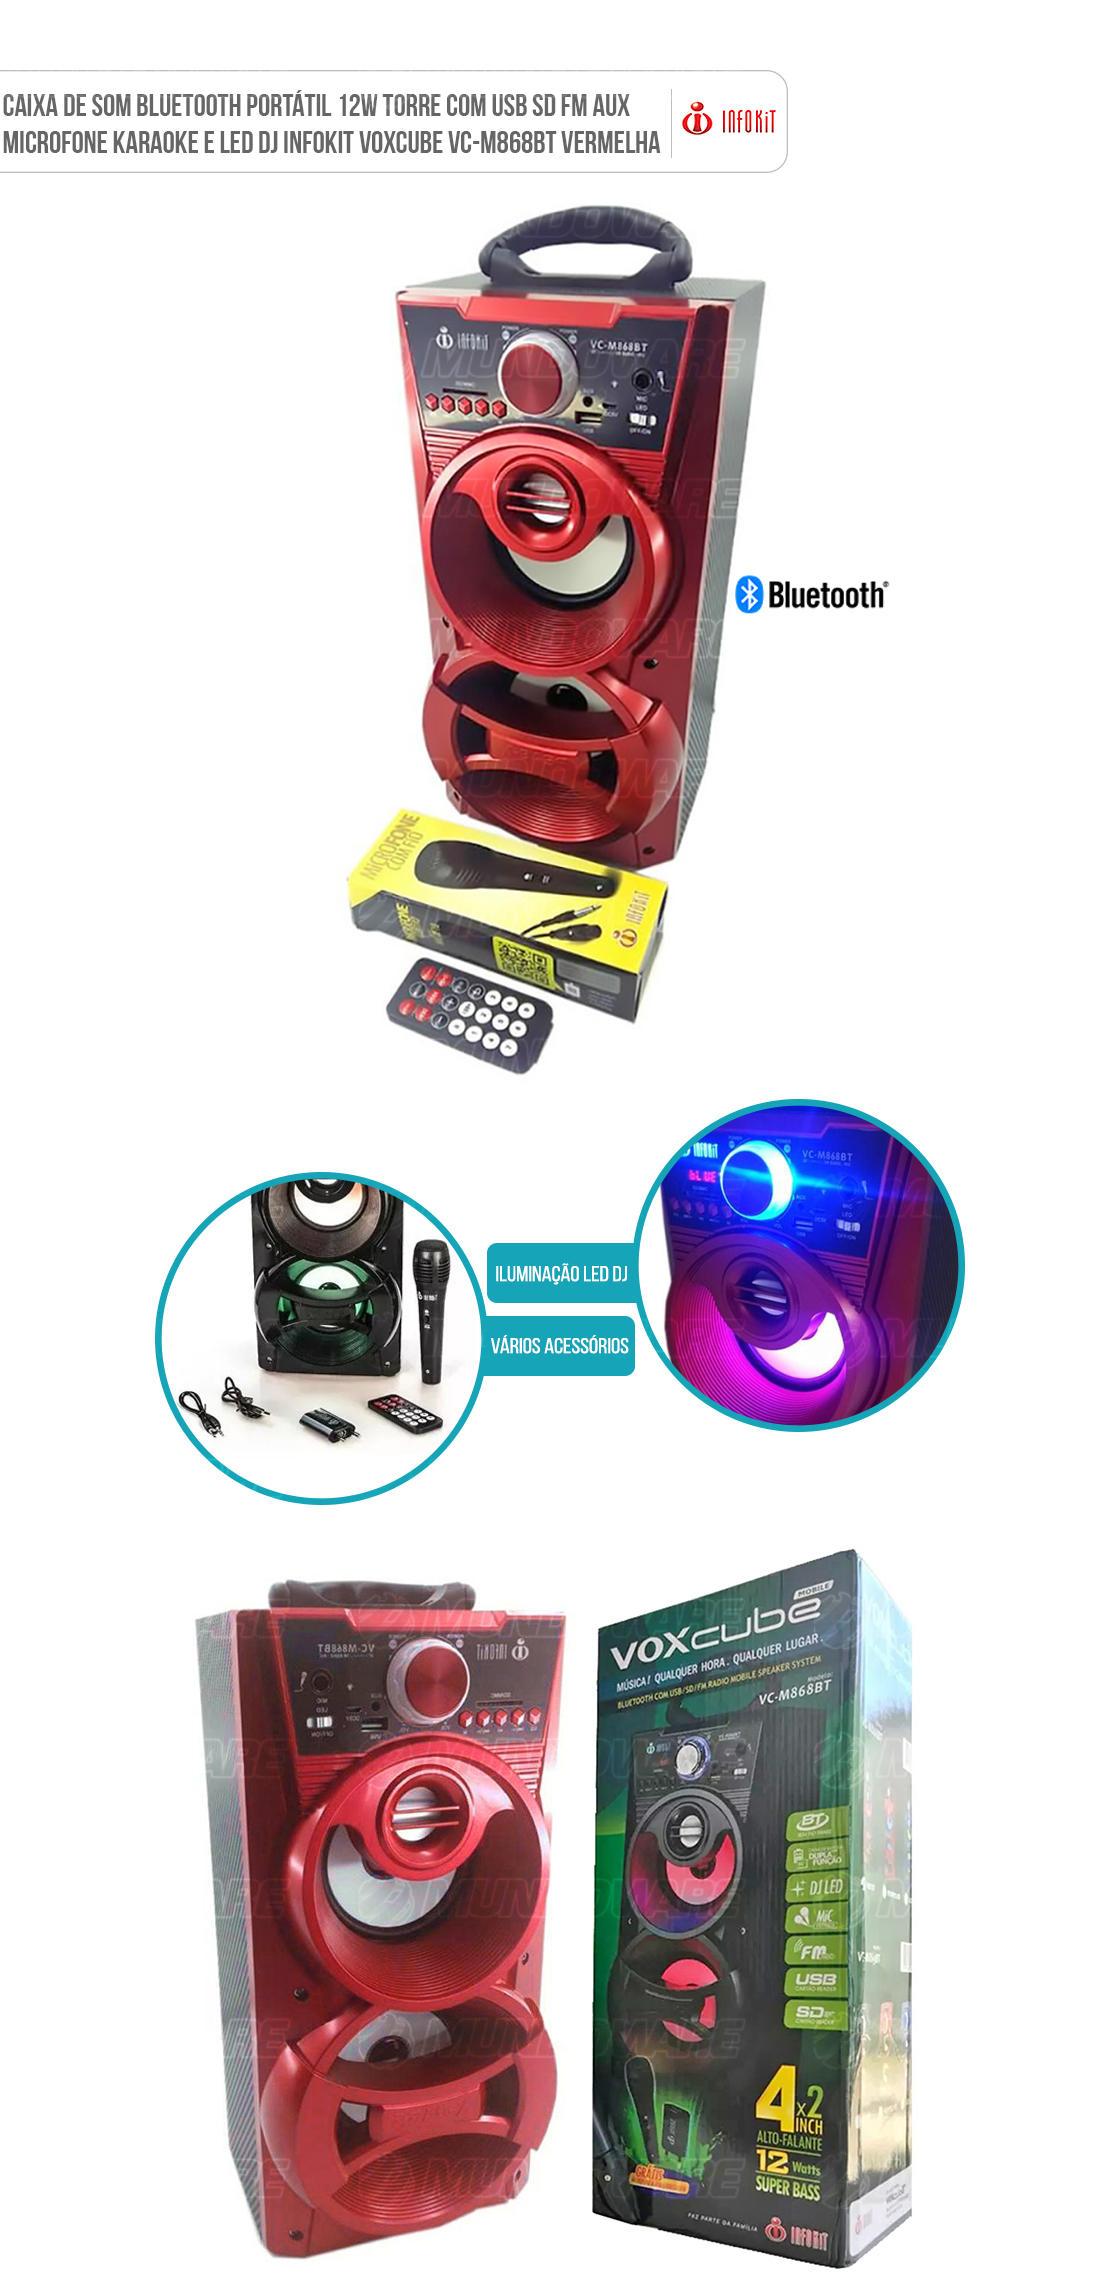 Caixa Bluetooth Mobile com Radio FM função Karaoke entrada SD Card Pendrive P2 Voxcube VC-M868BT Vermelho